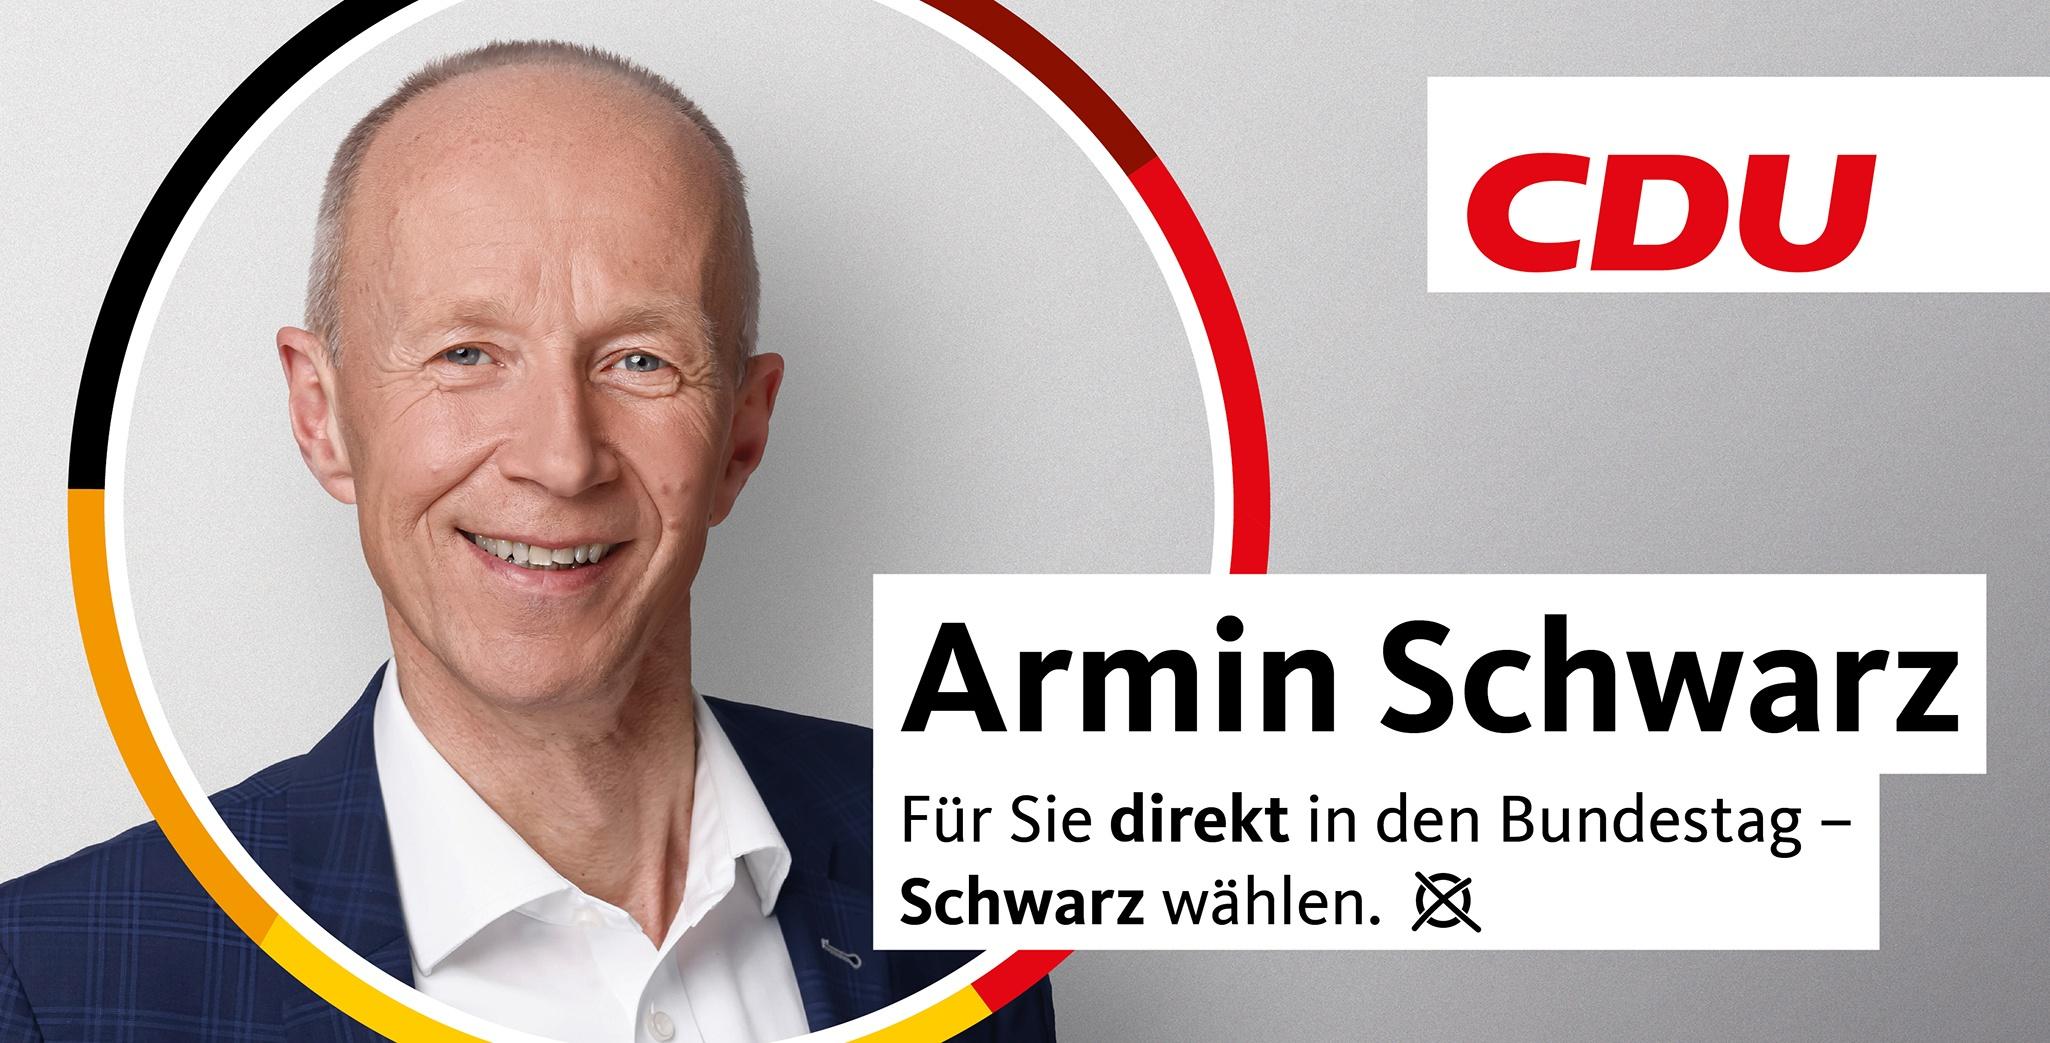 Bundestagskandidat Armin Schwarz besucht Kindergärten in freier Trägerschaft